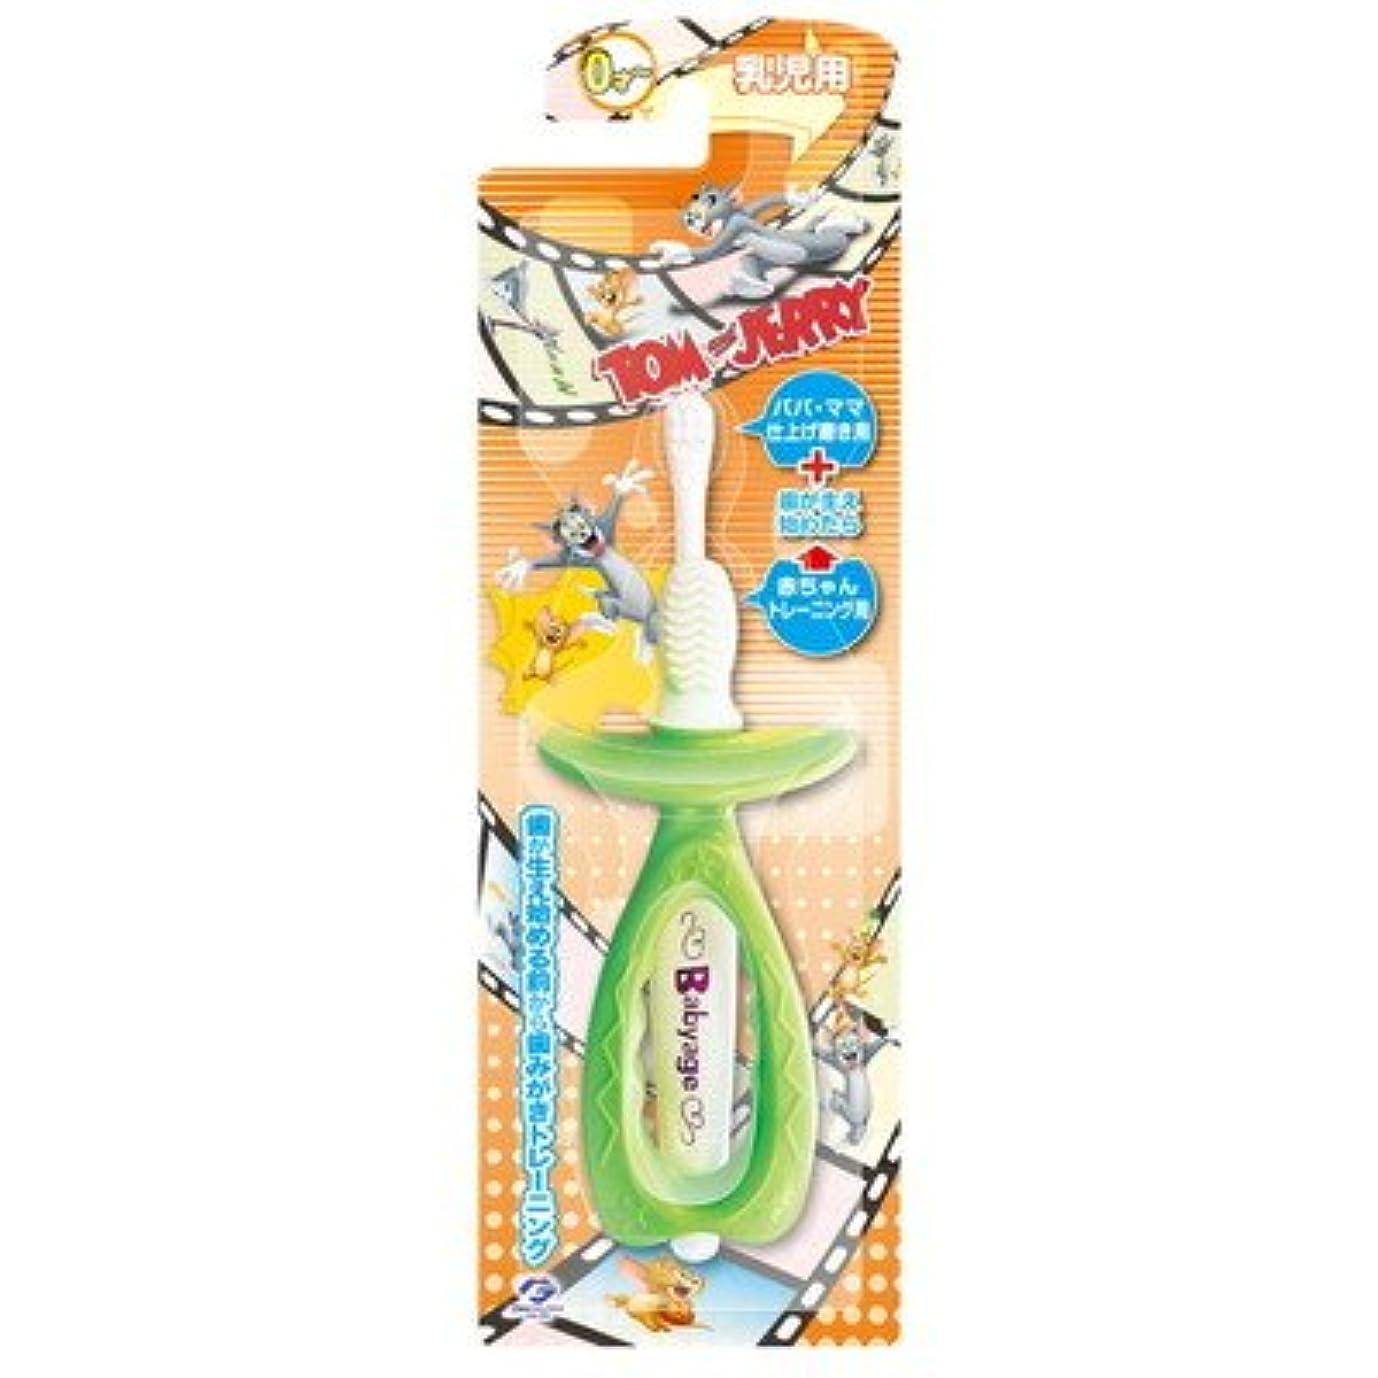 メイド最高クルージャックスデンタルプロベビーエイジ歯ブラシ 2本セット【6本セット】